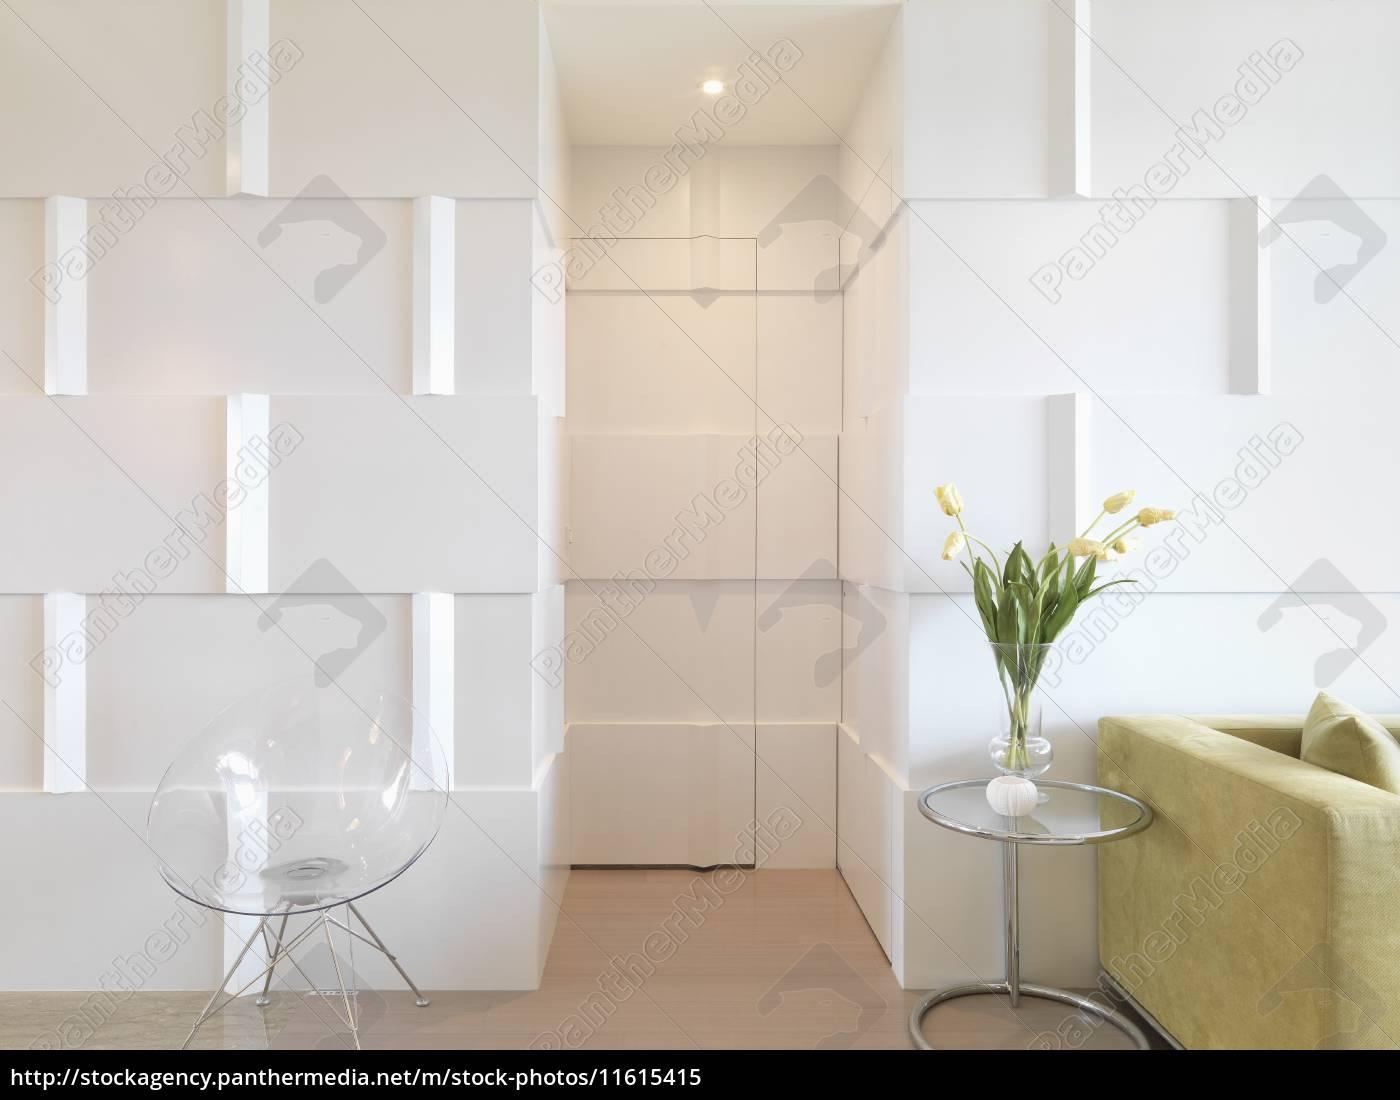 modernes interieur mit tür getarnt mit wand - Stockfoto - #11615415 ...